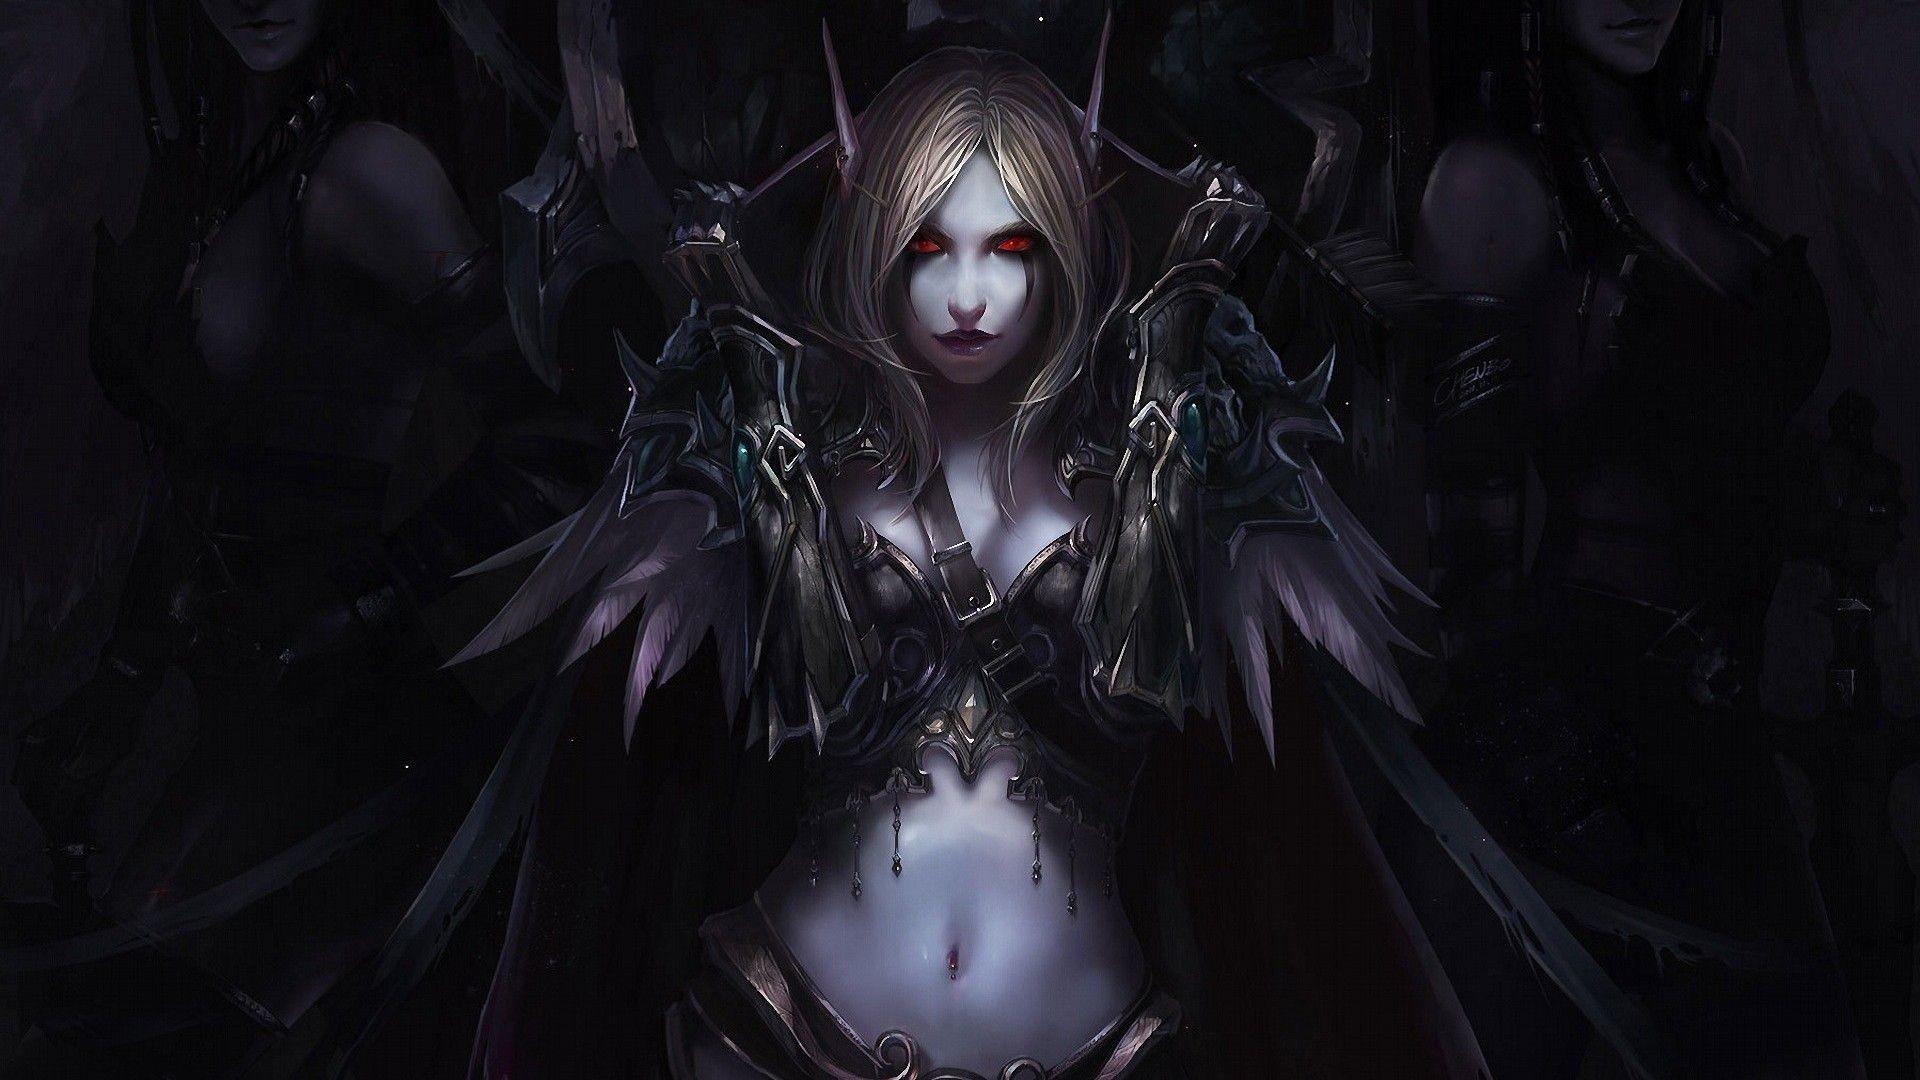 General World of Warcraft Sylvanas Windrunner Chenbo video games elves  Warcraft fantasy art